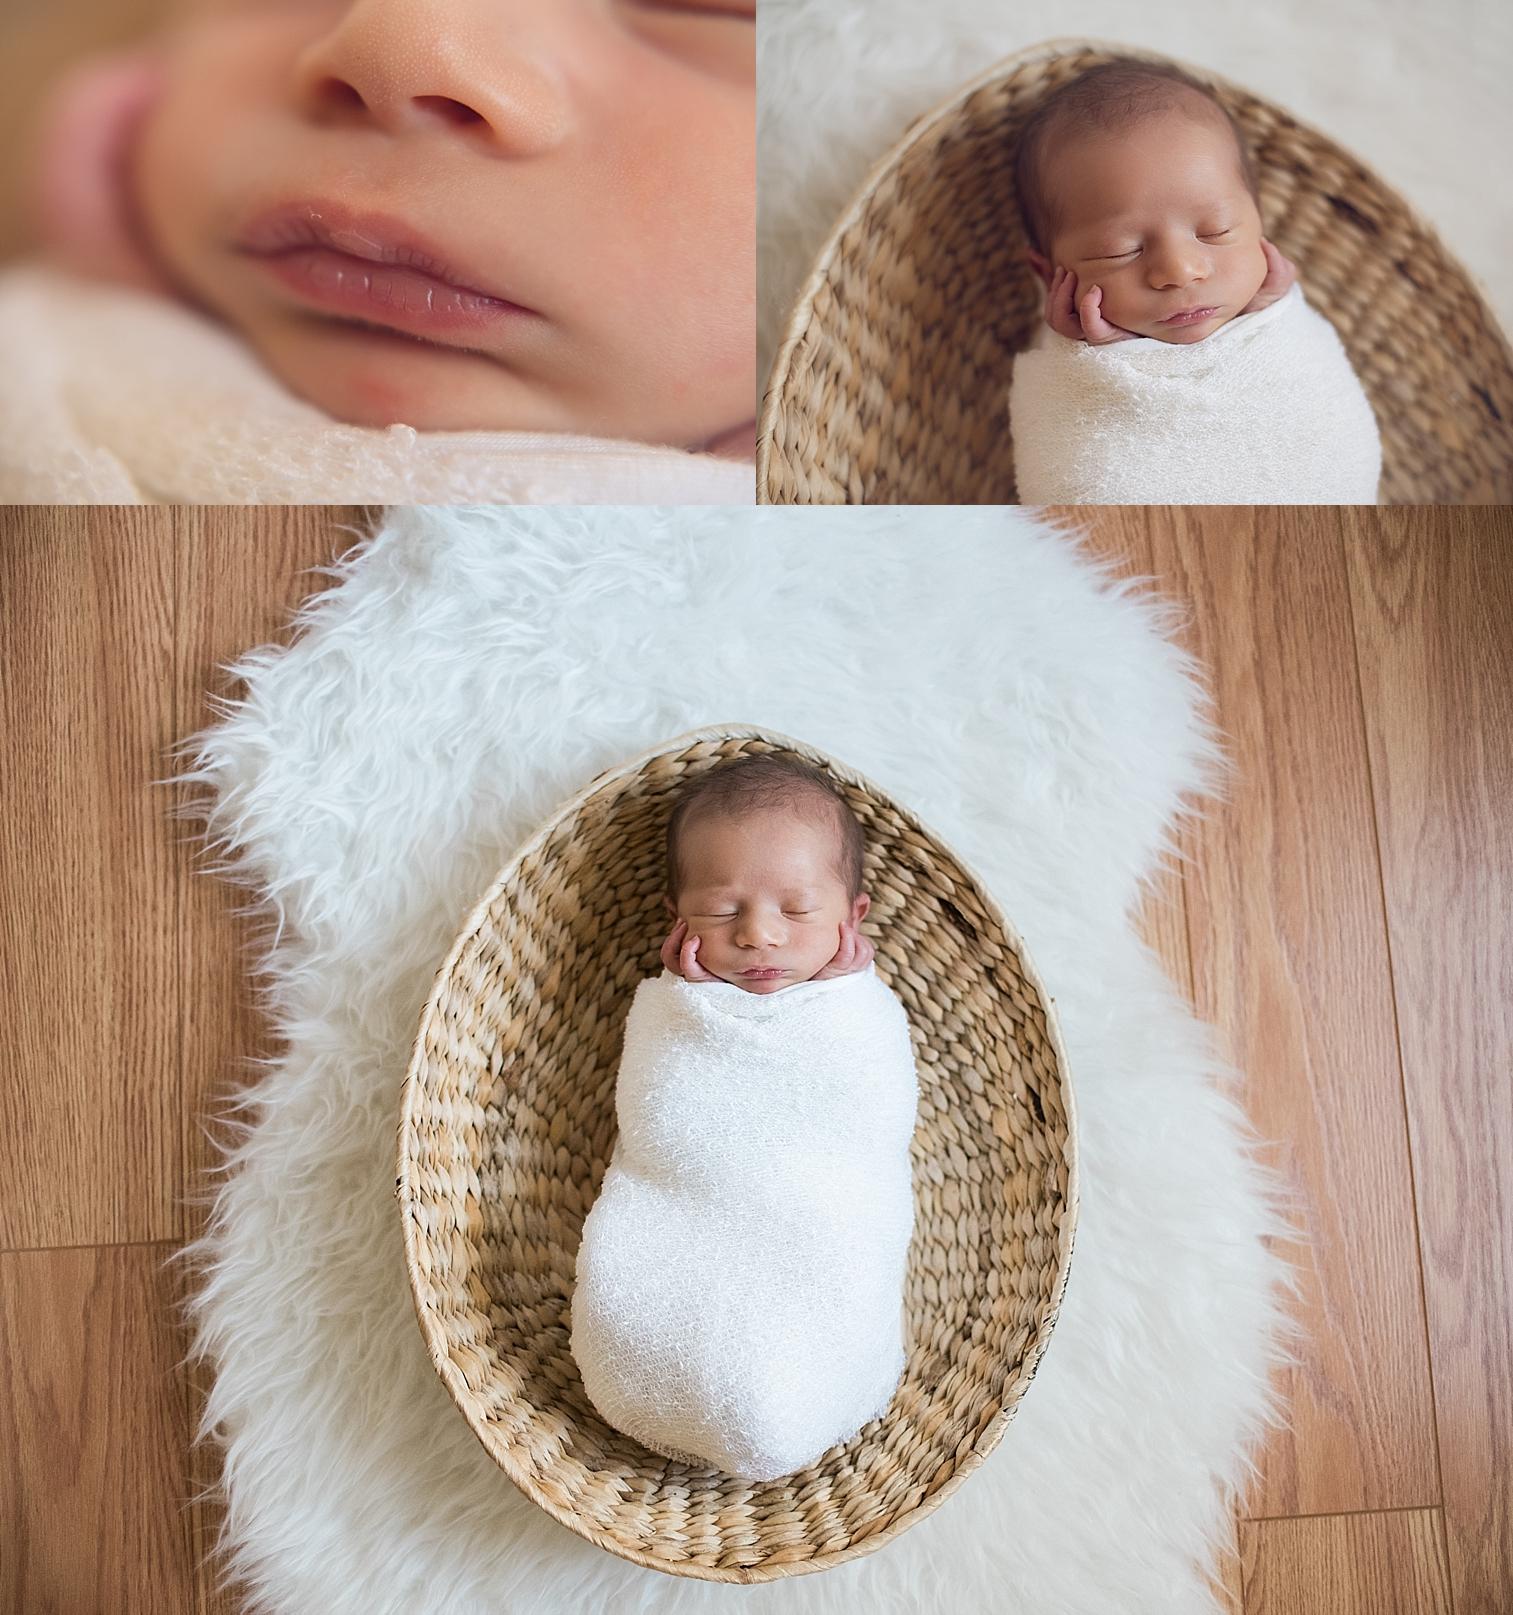 collage of a newborn baby boy in basket